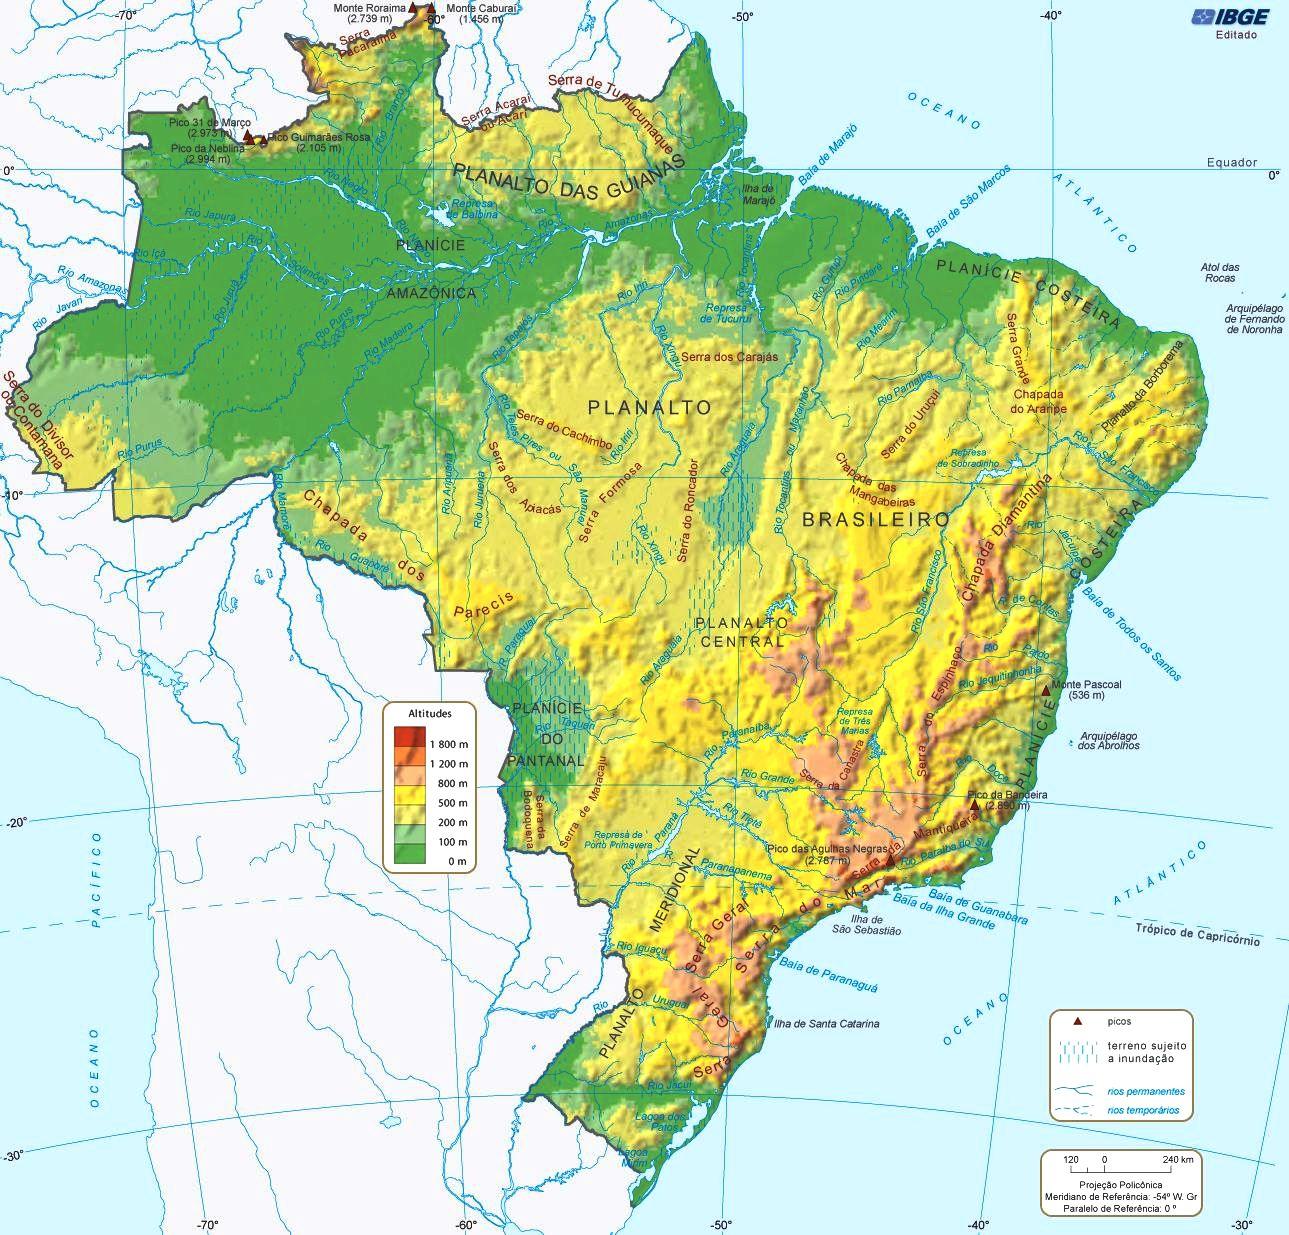 Portogallo Cartina Geografica Politica.Mappa Geografica Del Brasile Carta Ad Alta Risoluzione Del Brasile